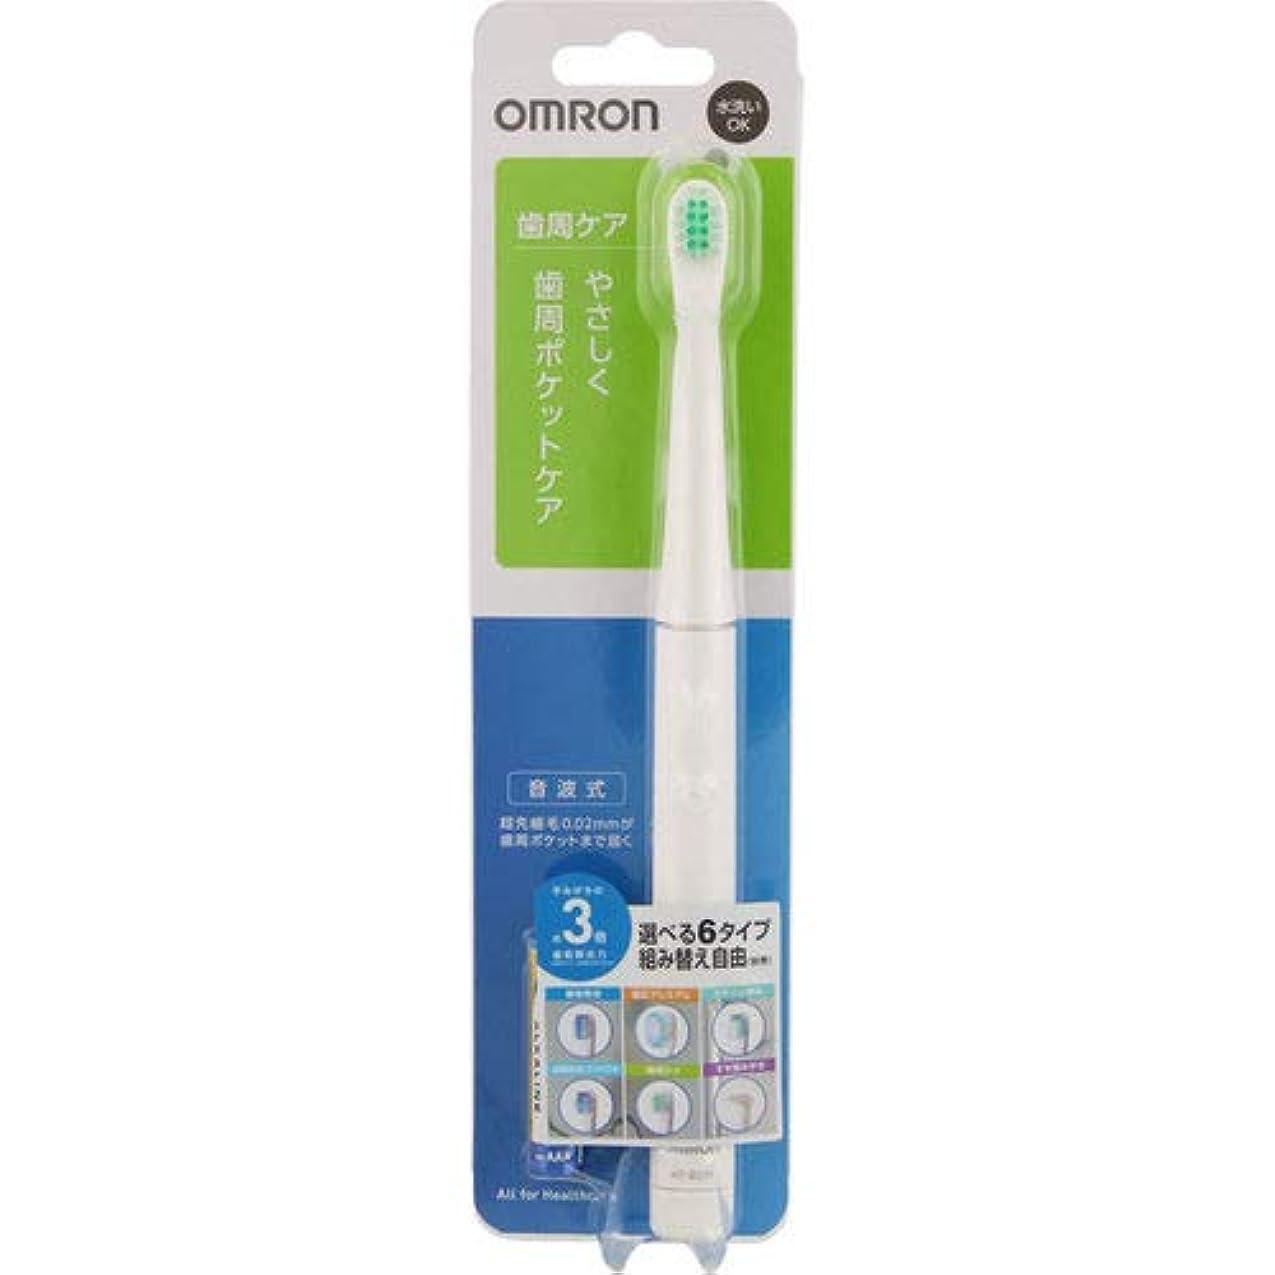 振りかけるアーネストシャクルトンポンドオムロン 電動歯ブラシ HT-B221-W ホワイト 電池式